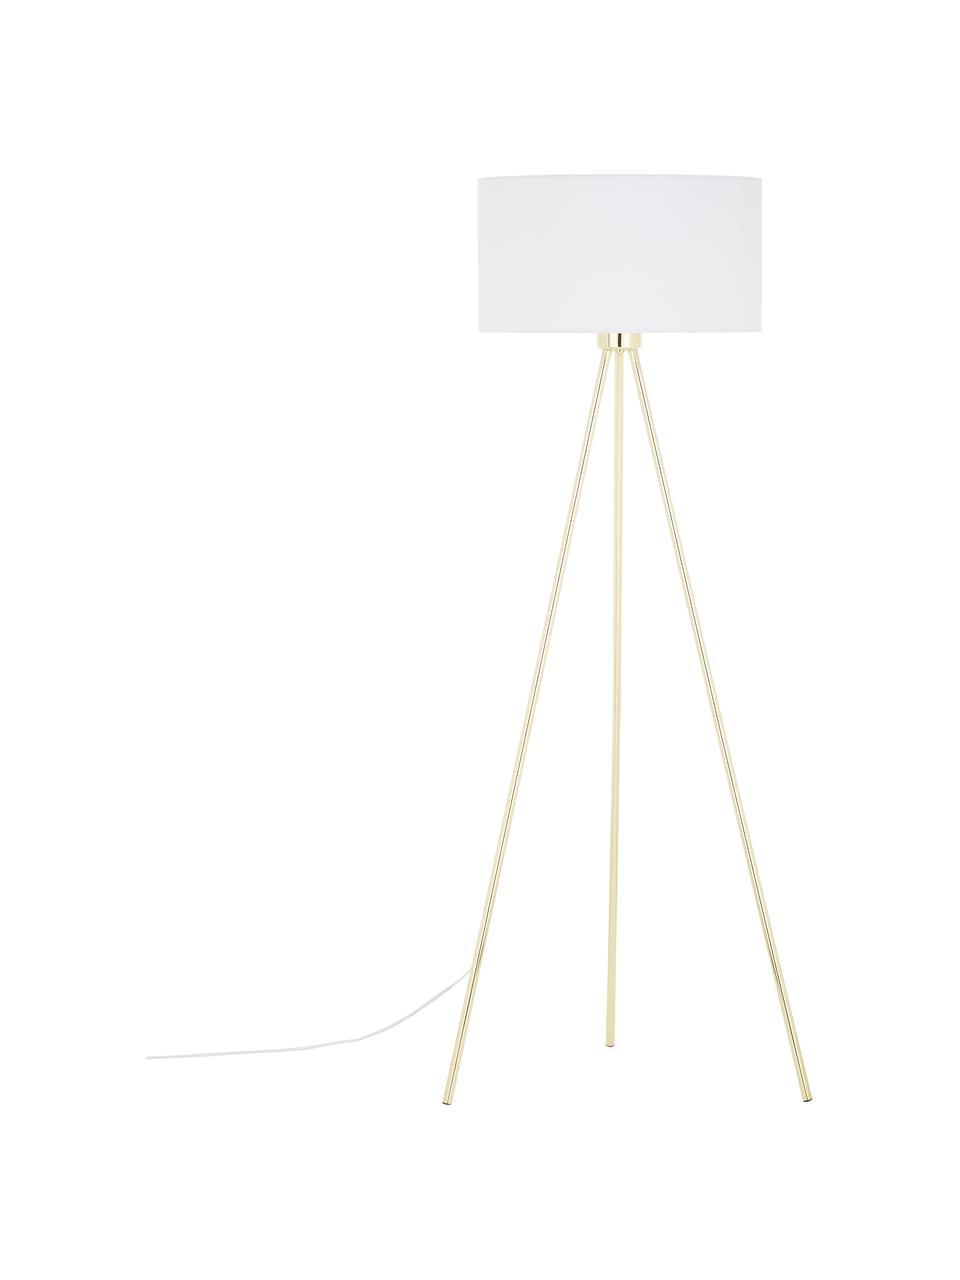 Lampa podłogowa z kloszem z tkaniny Cella, Podstawa lampy: odcienie złotego, błyszczący Klosz: biały, Ø 48 x W 158 cm